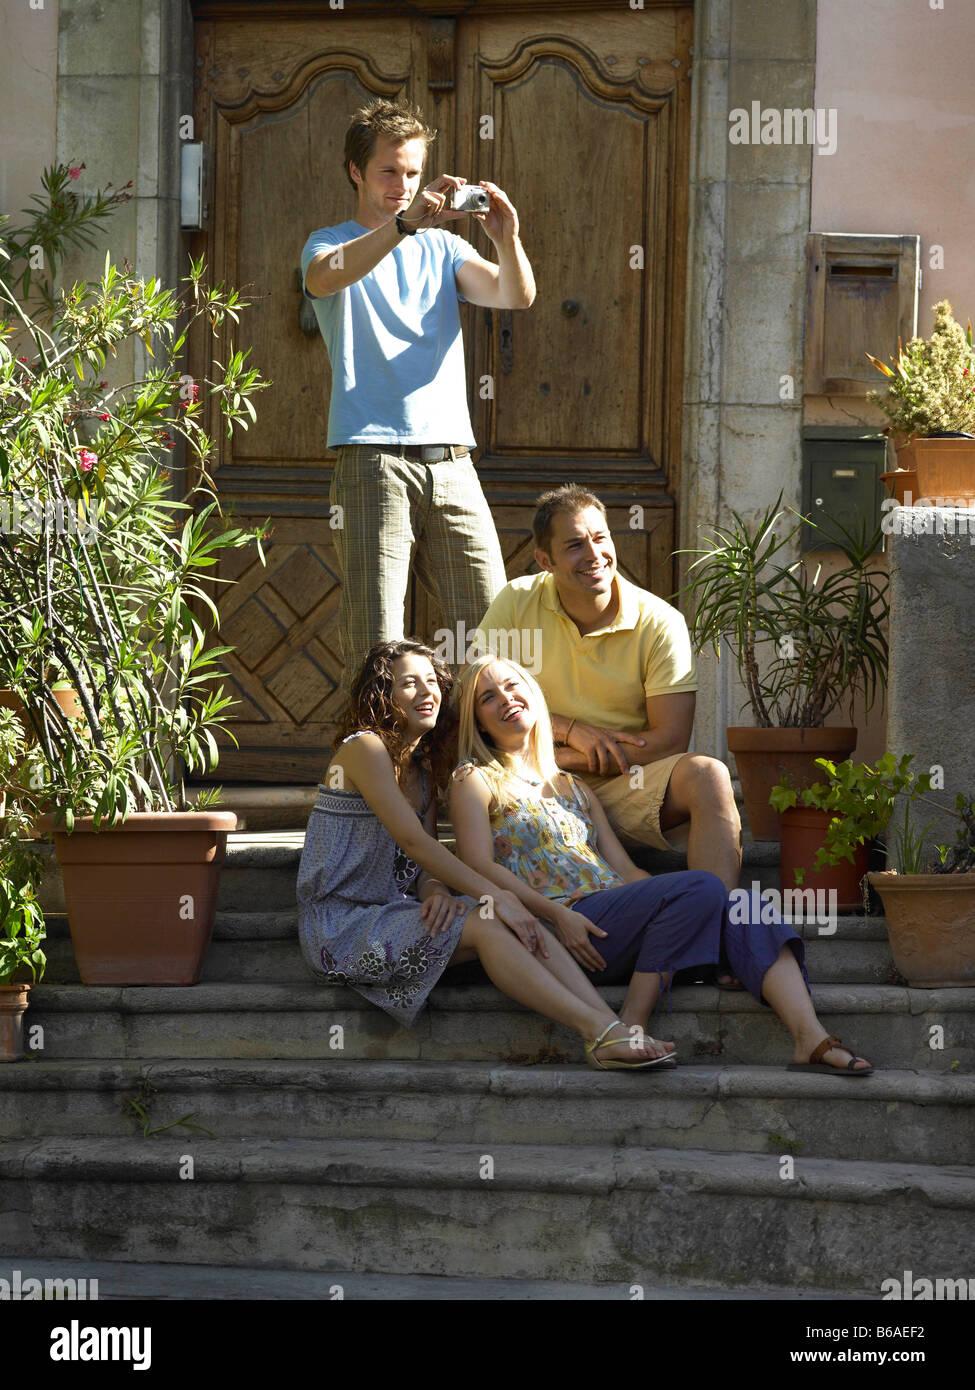 Bénéficiant d'amis soleil sur l'étape Photo Stock